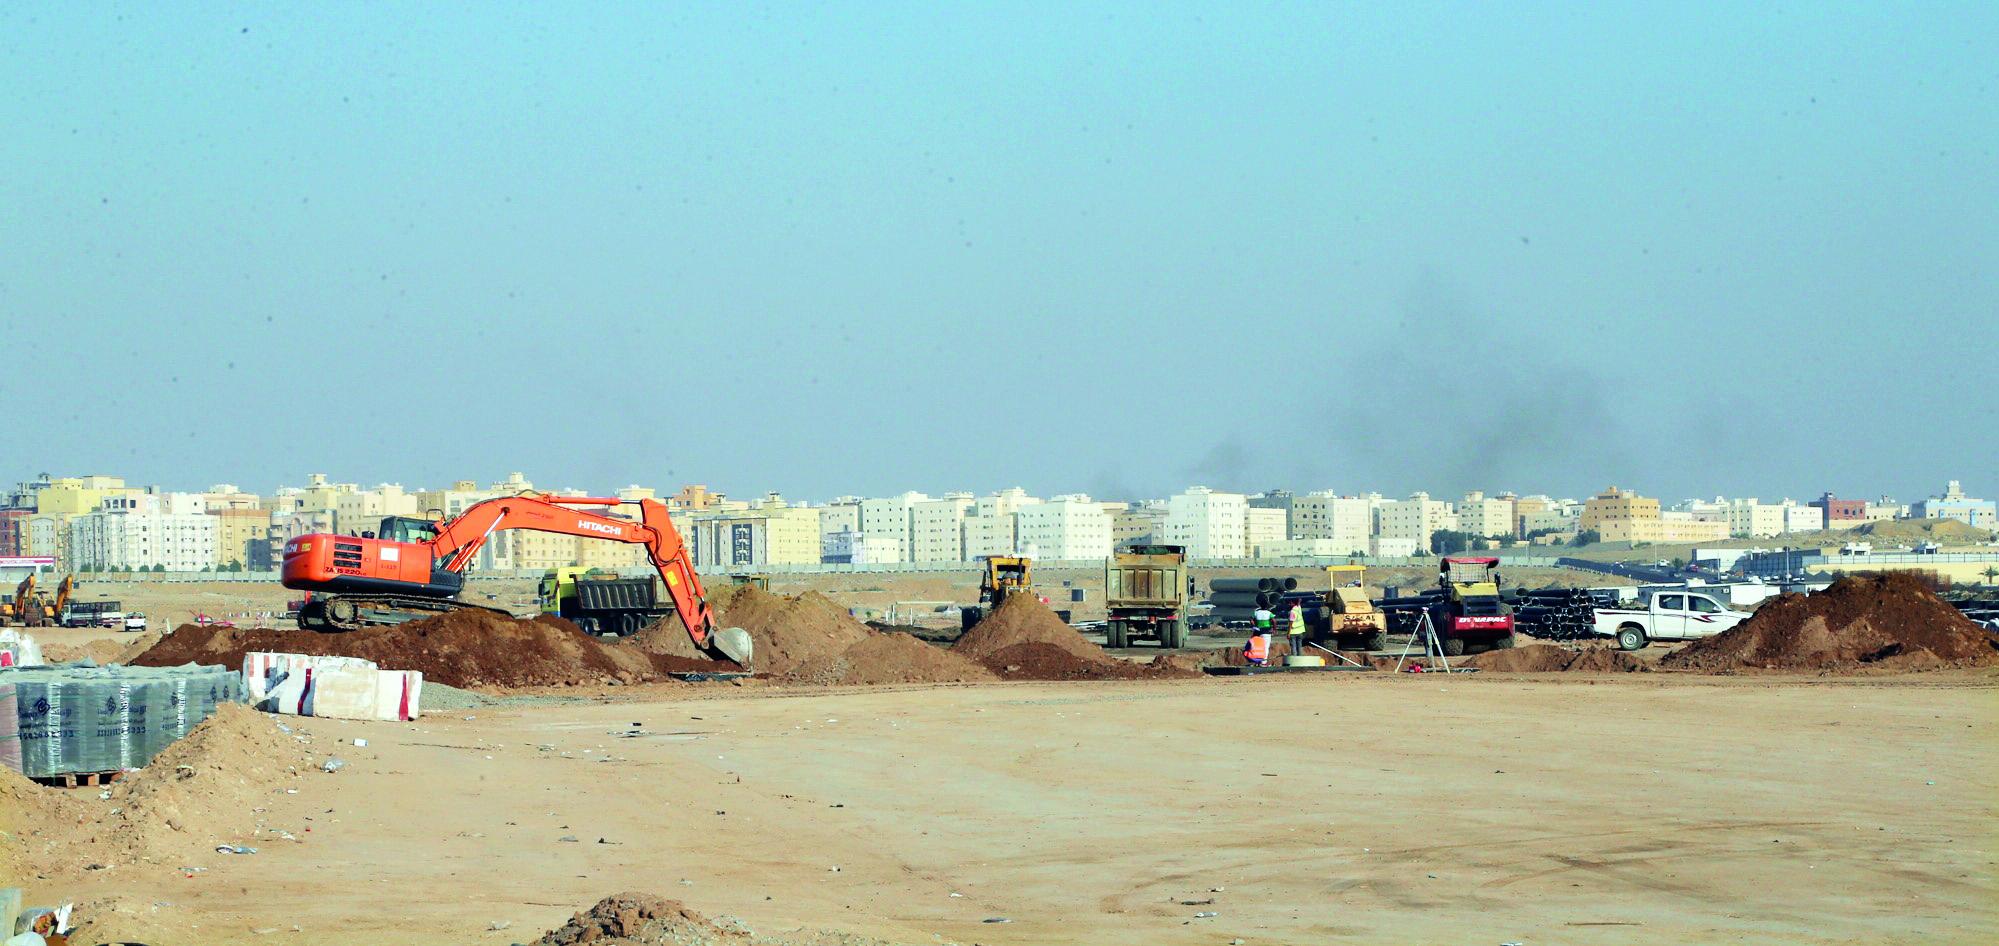 عقاريو جدة : أسعار الأراضي خارج النطاق العمراني هوت 40 % خلال عامين   صحيفة الاقتصادية